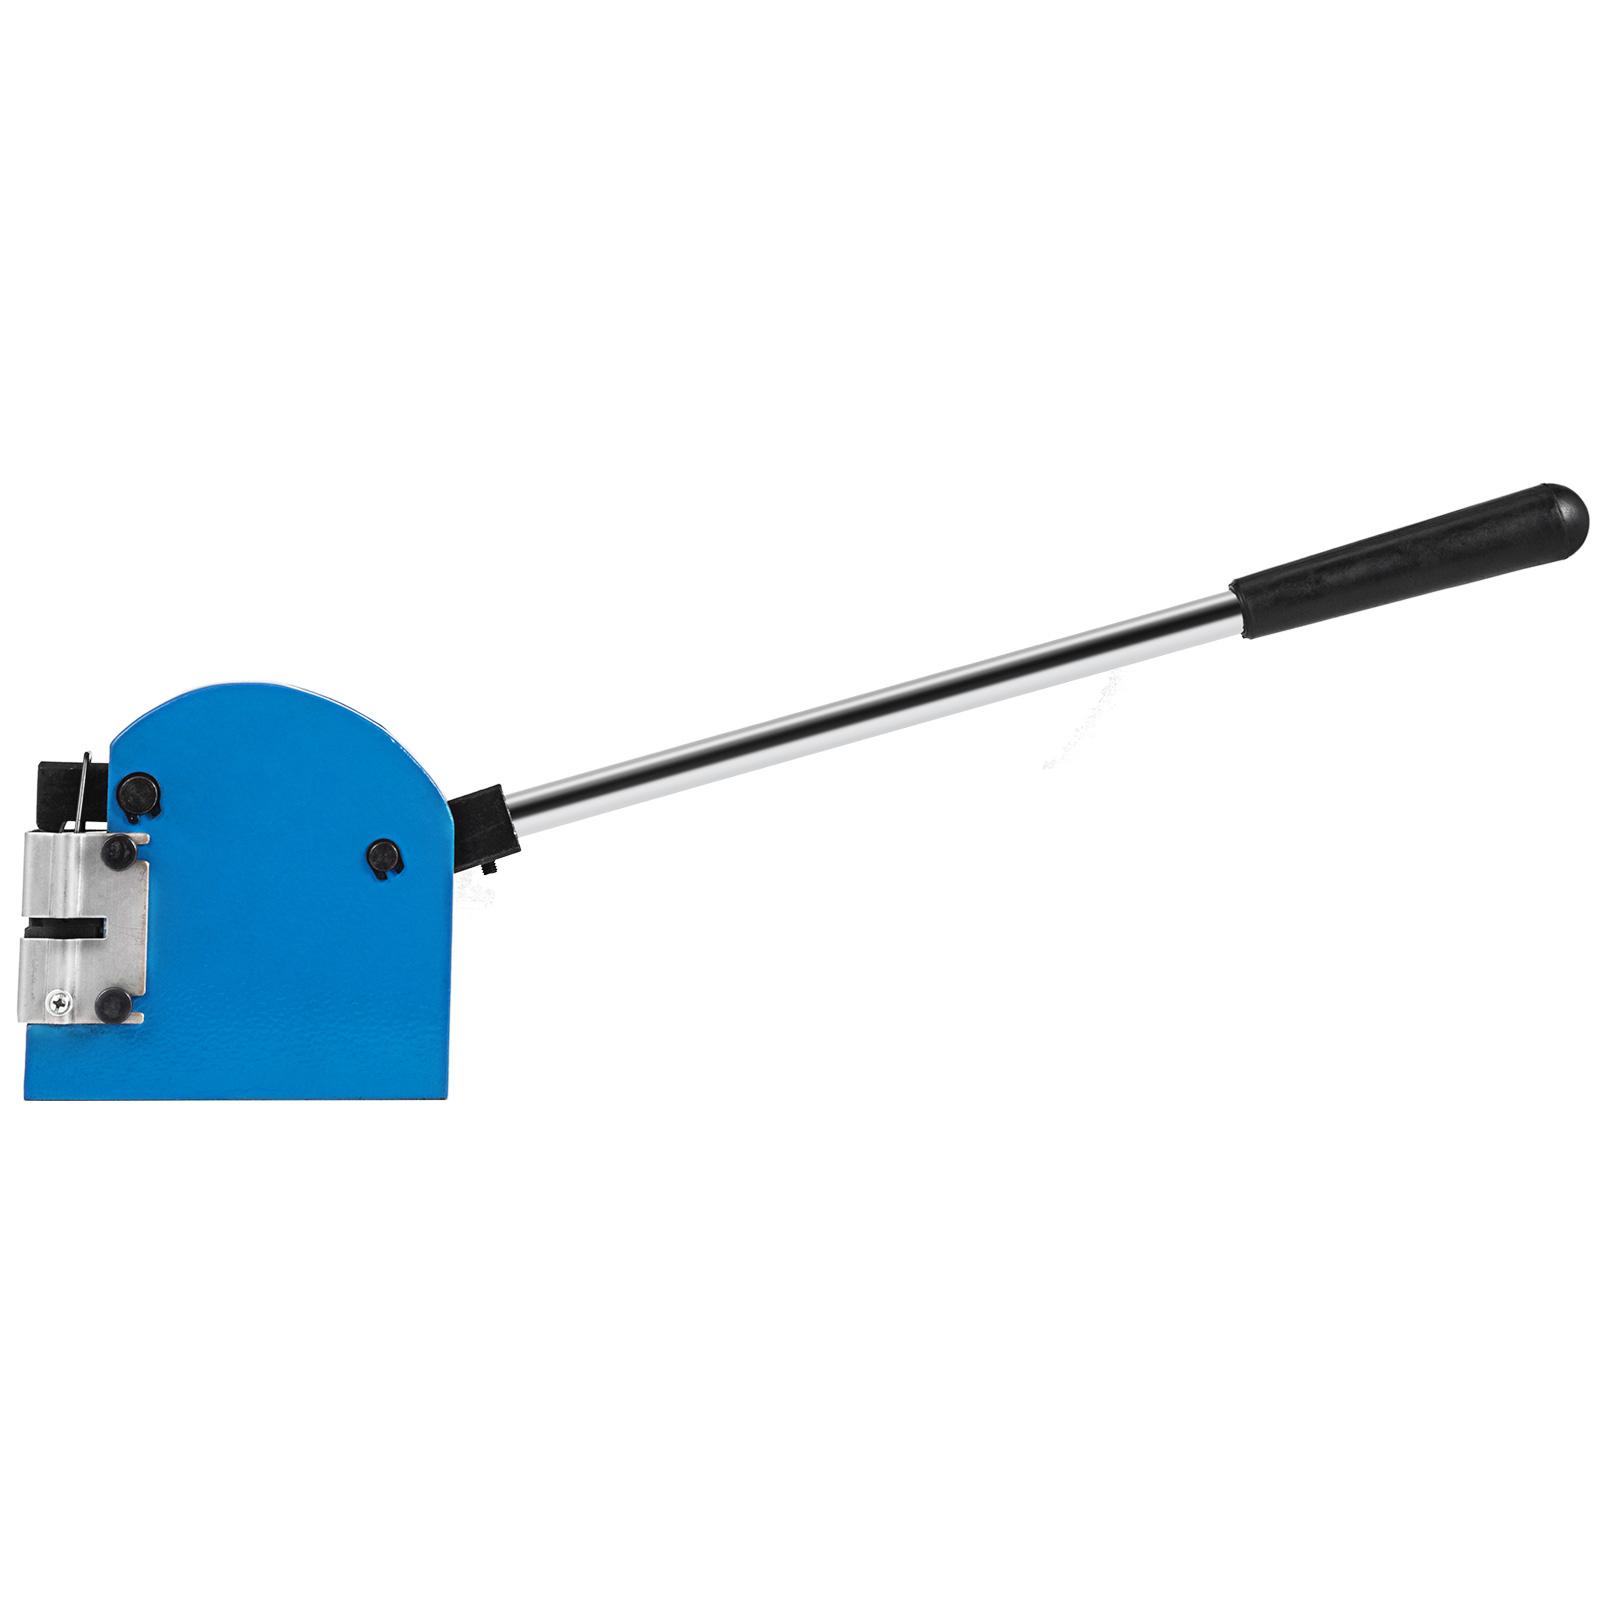 Sheet-Metal-Shrinker-Stretcher-16-18-20-Ga-Aluminum-Mild-Steel-Stainless-Steel thumbnail 9